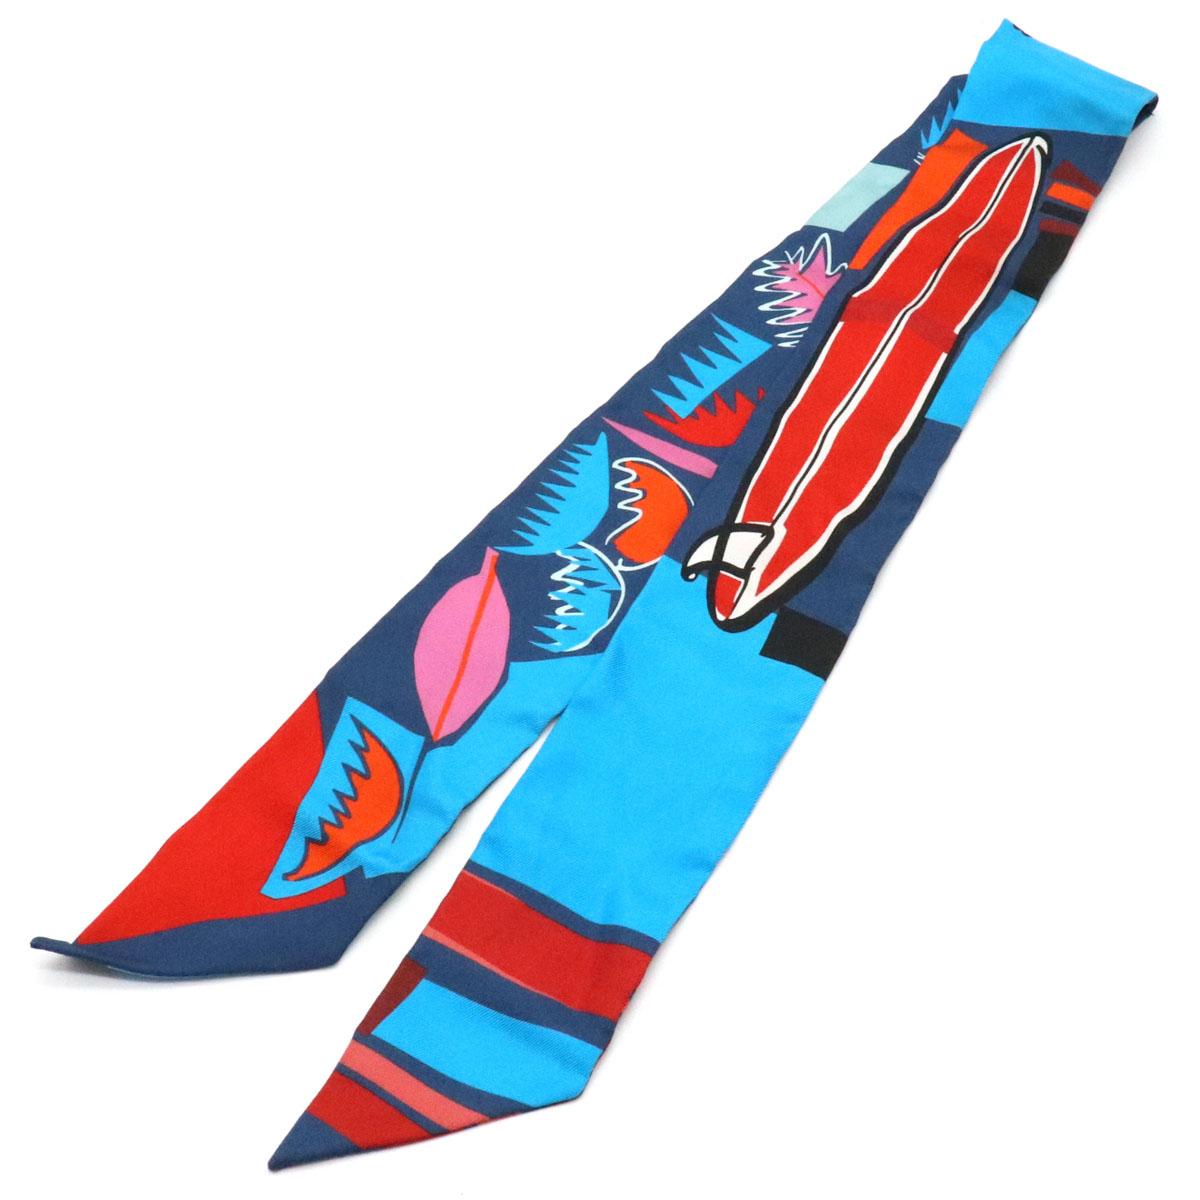 【アパレル】HERMES エルメス ツイリー SEA SURF AND FUN 海とサーフとファン スカーフ シルク100% ブルー 青 レッド オレンジ マルチカラー 【中古】